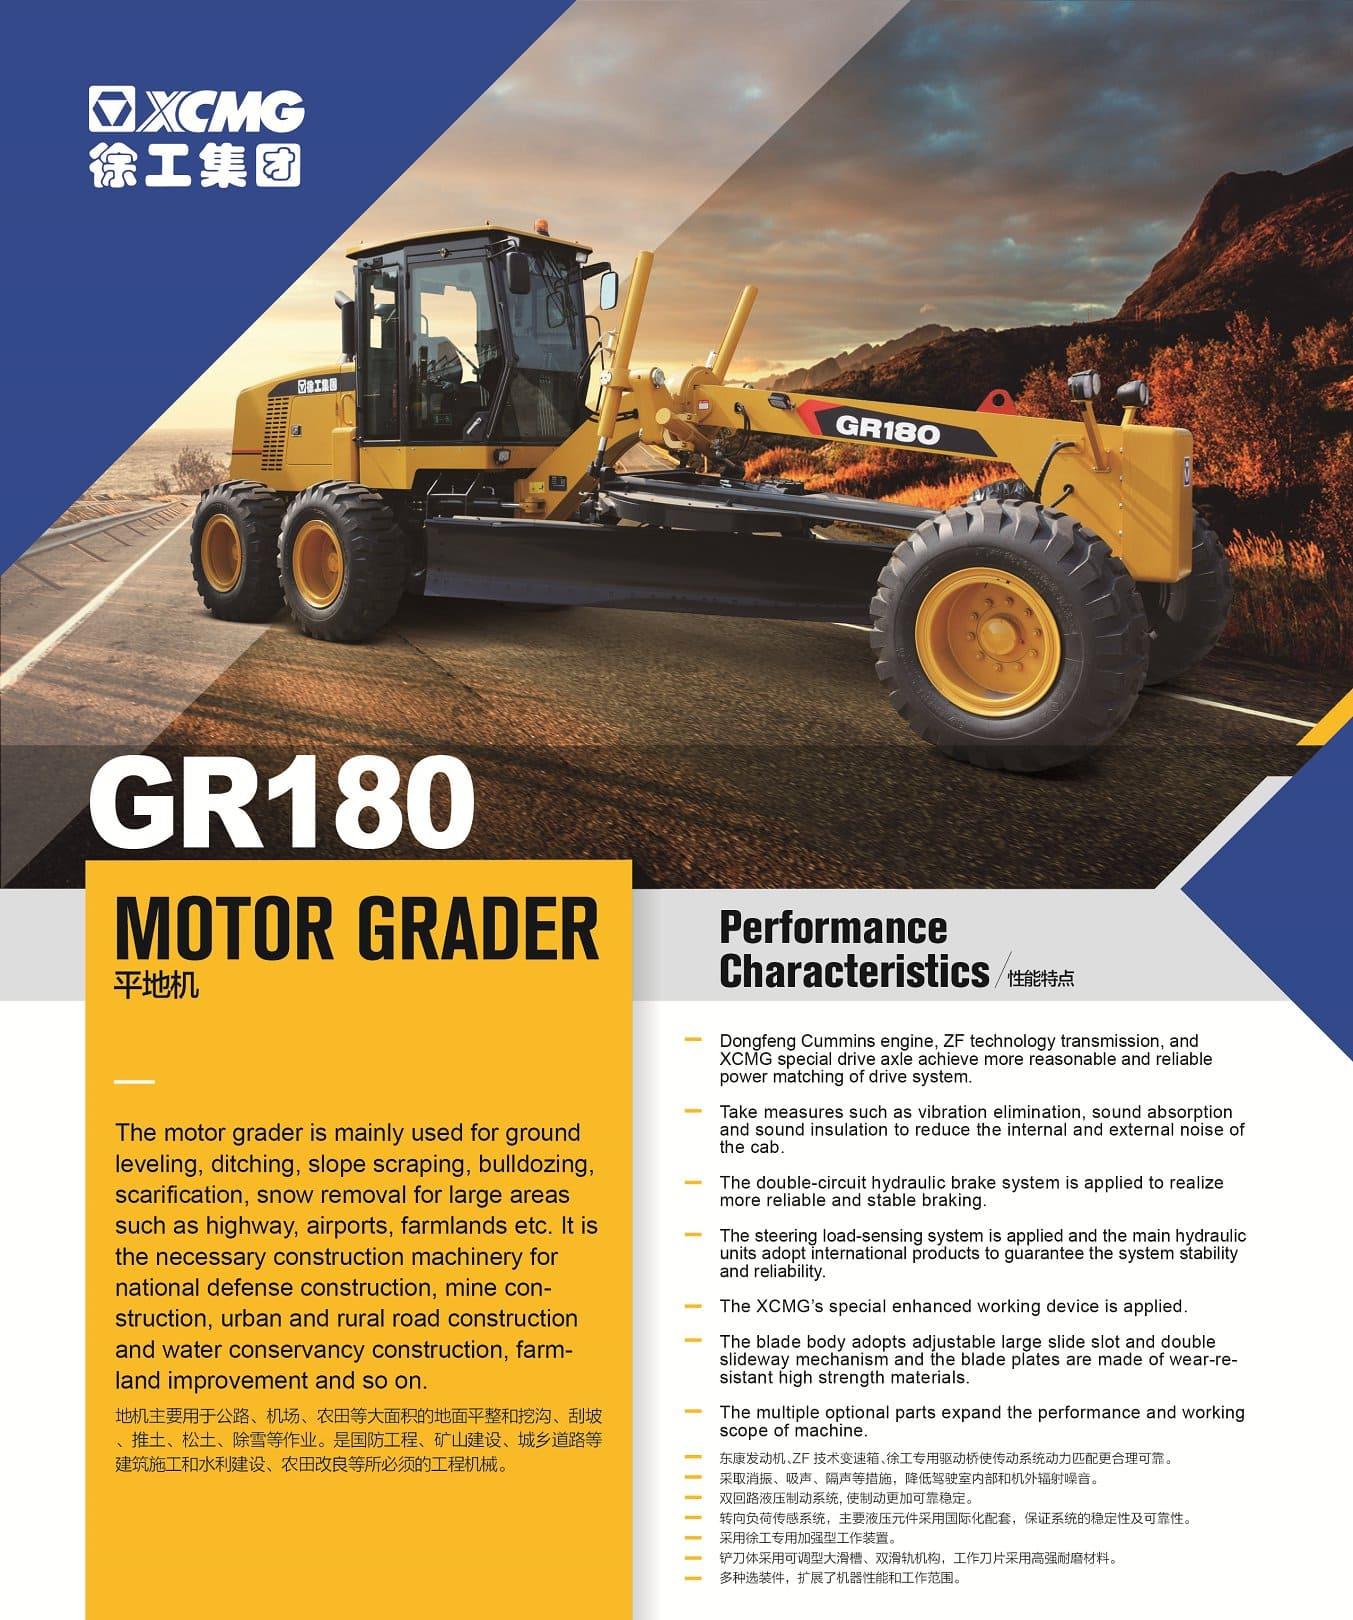 XCMG Official GR180 Motor Grader for sale